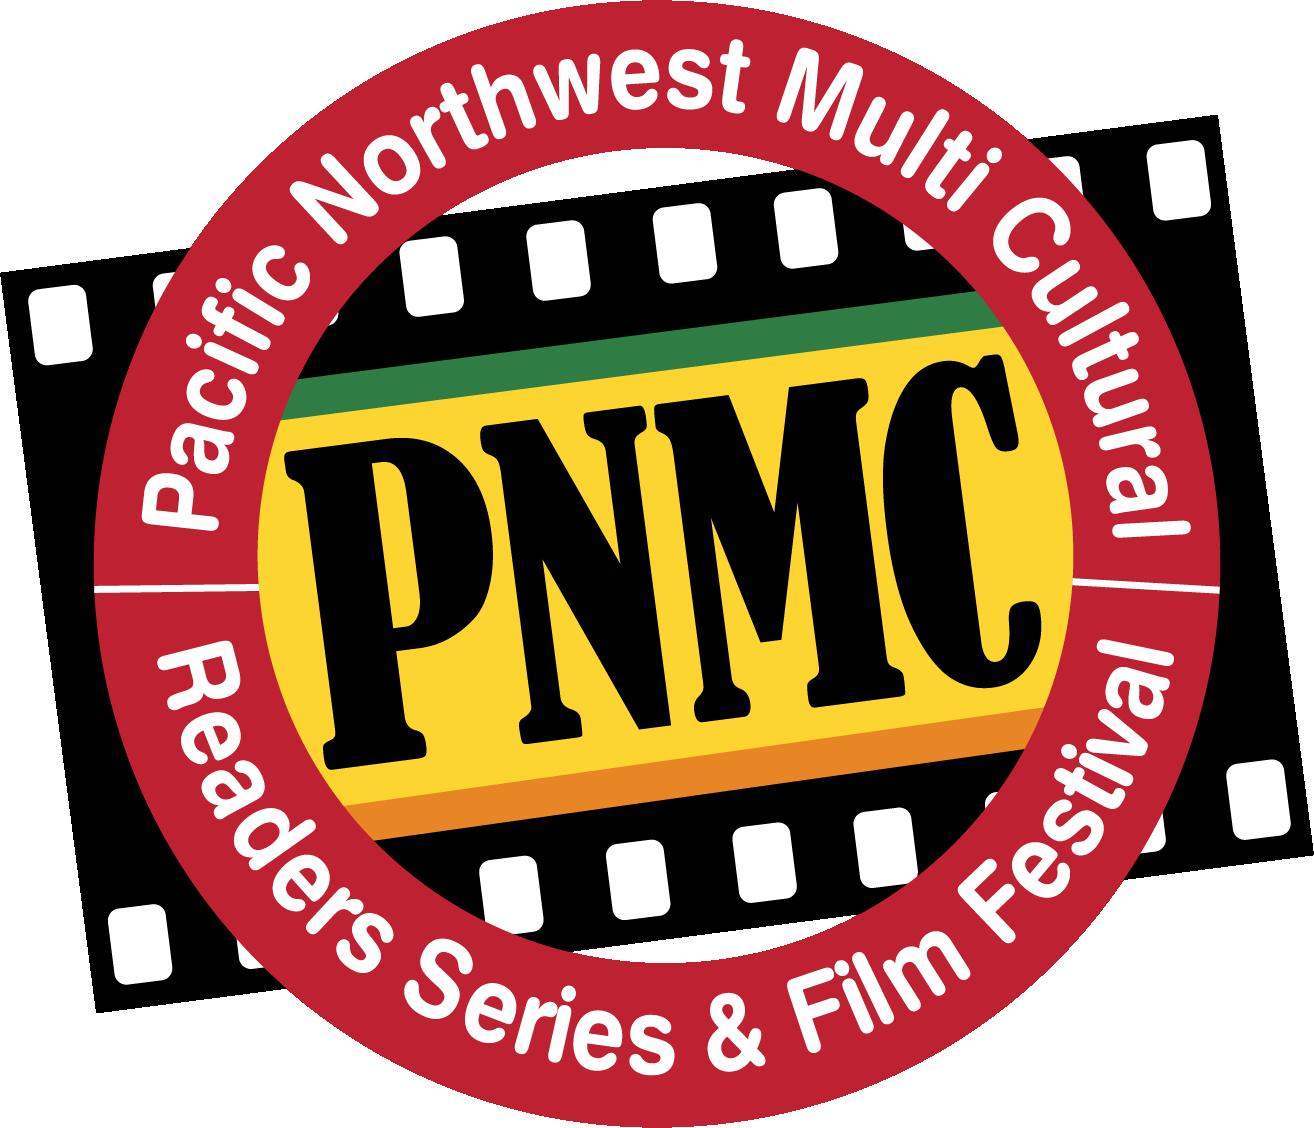 PNMC Festival